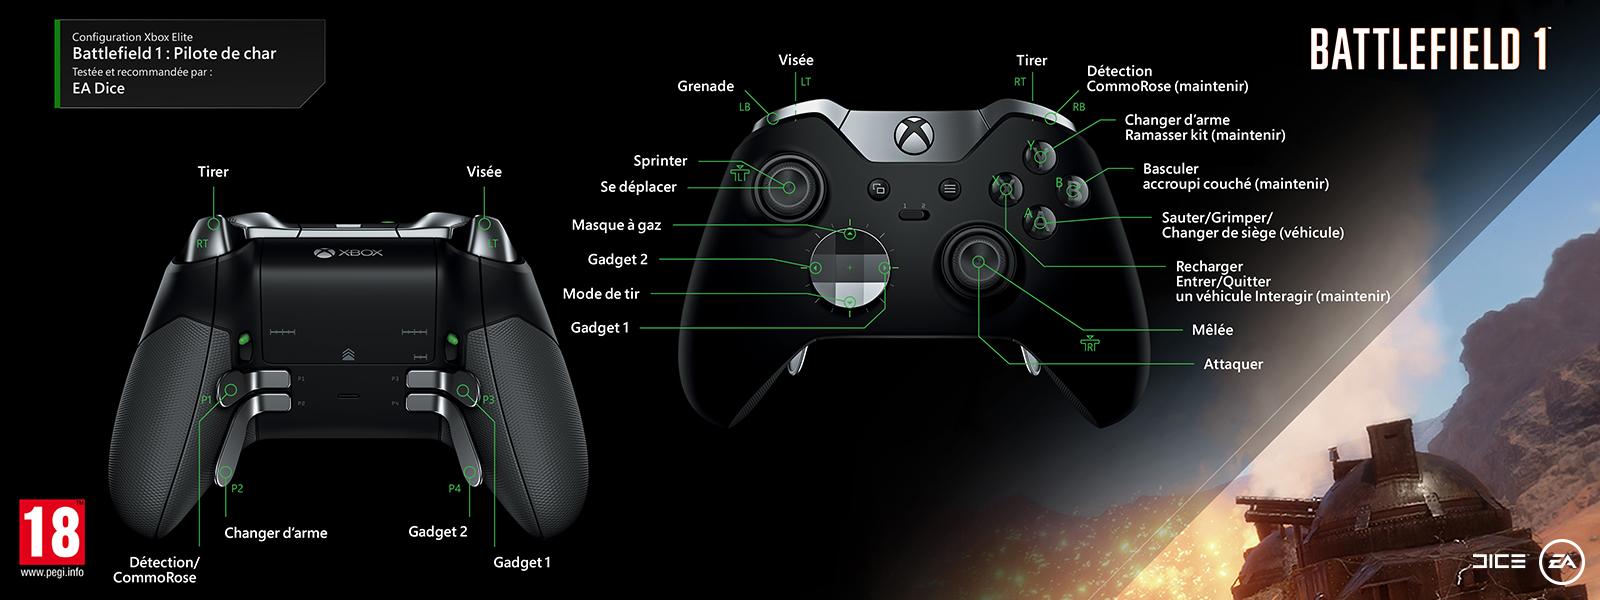 Battlefield1, configuration Elite Pilote de char